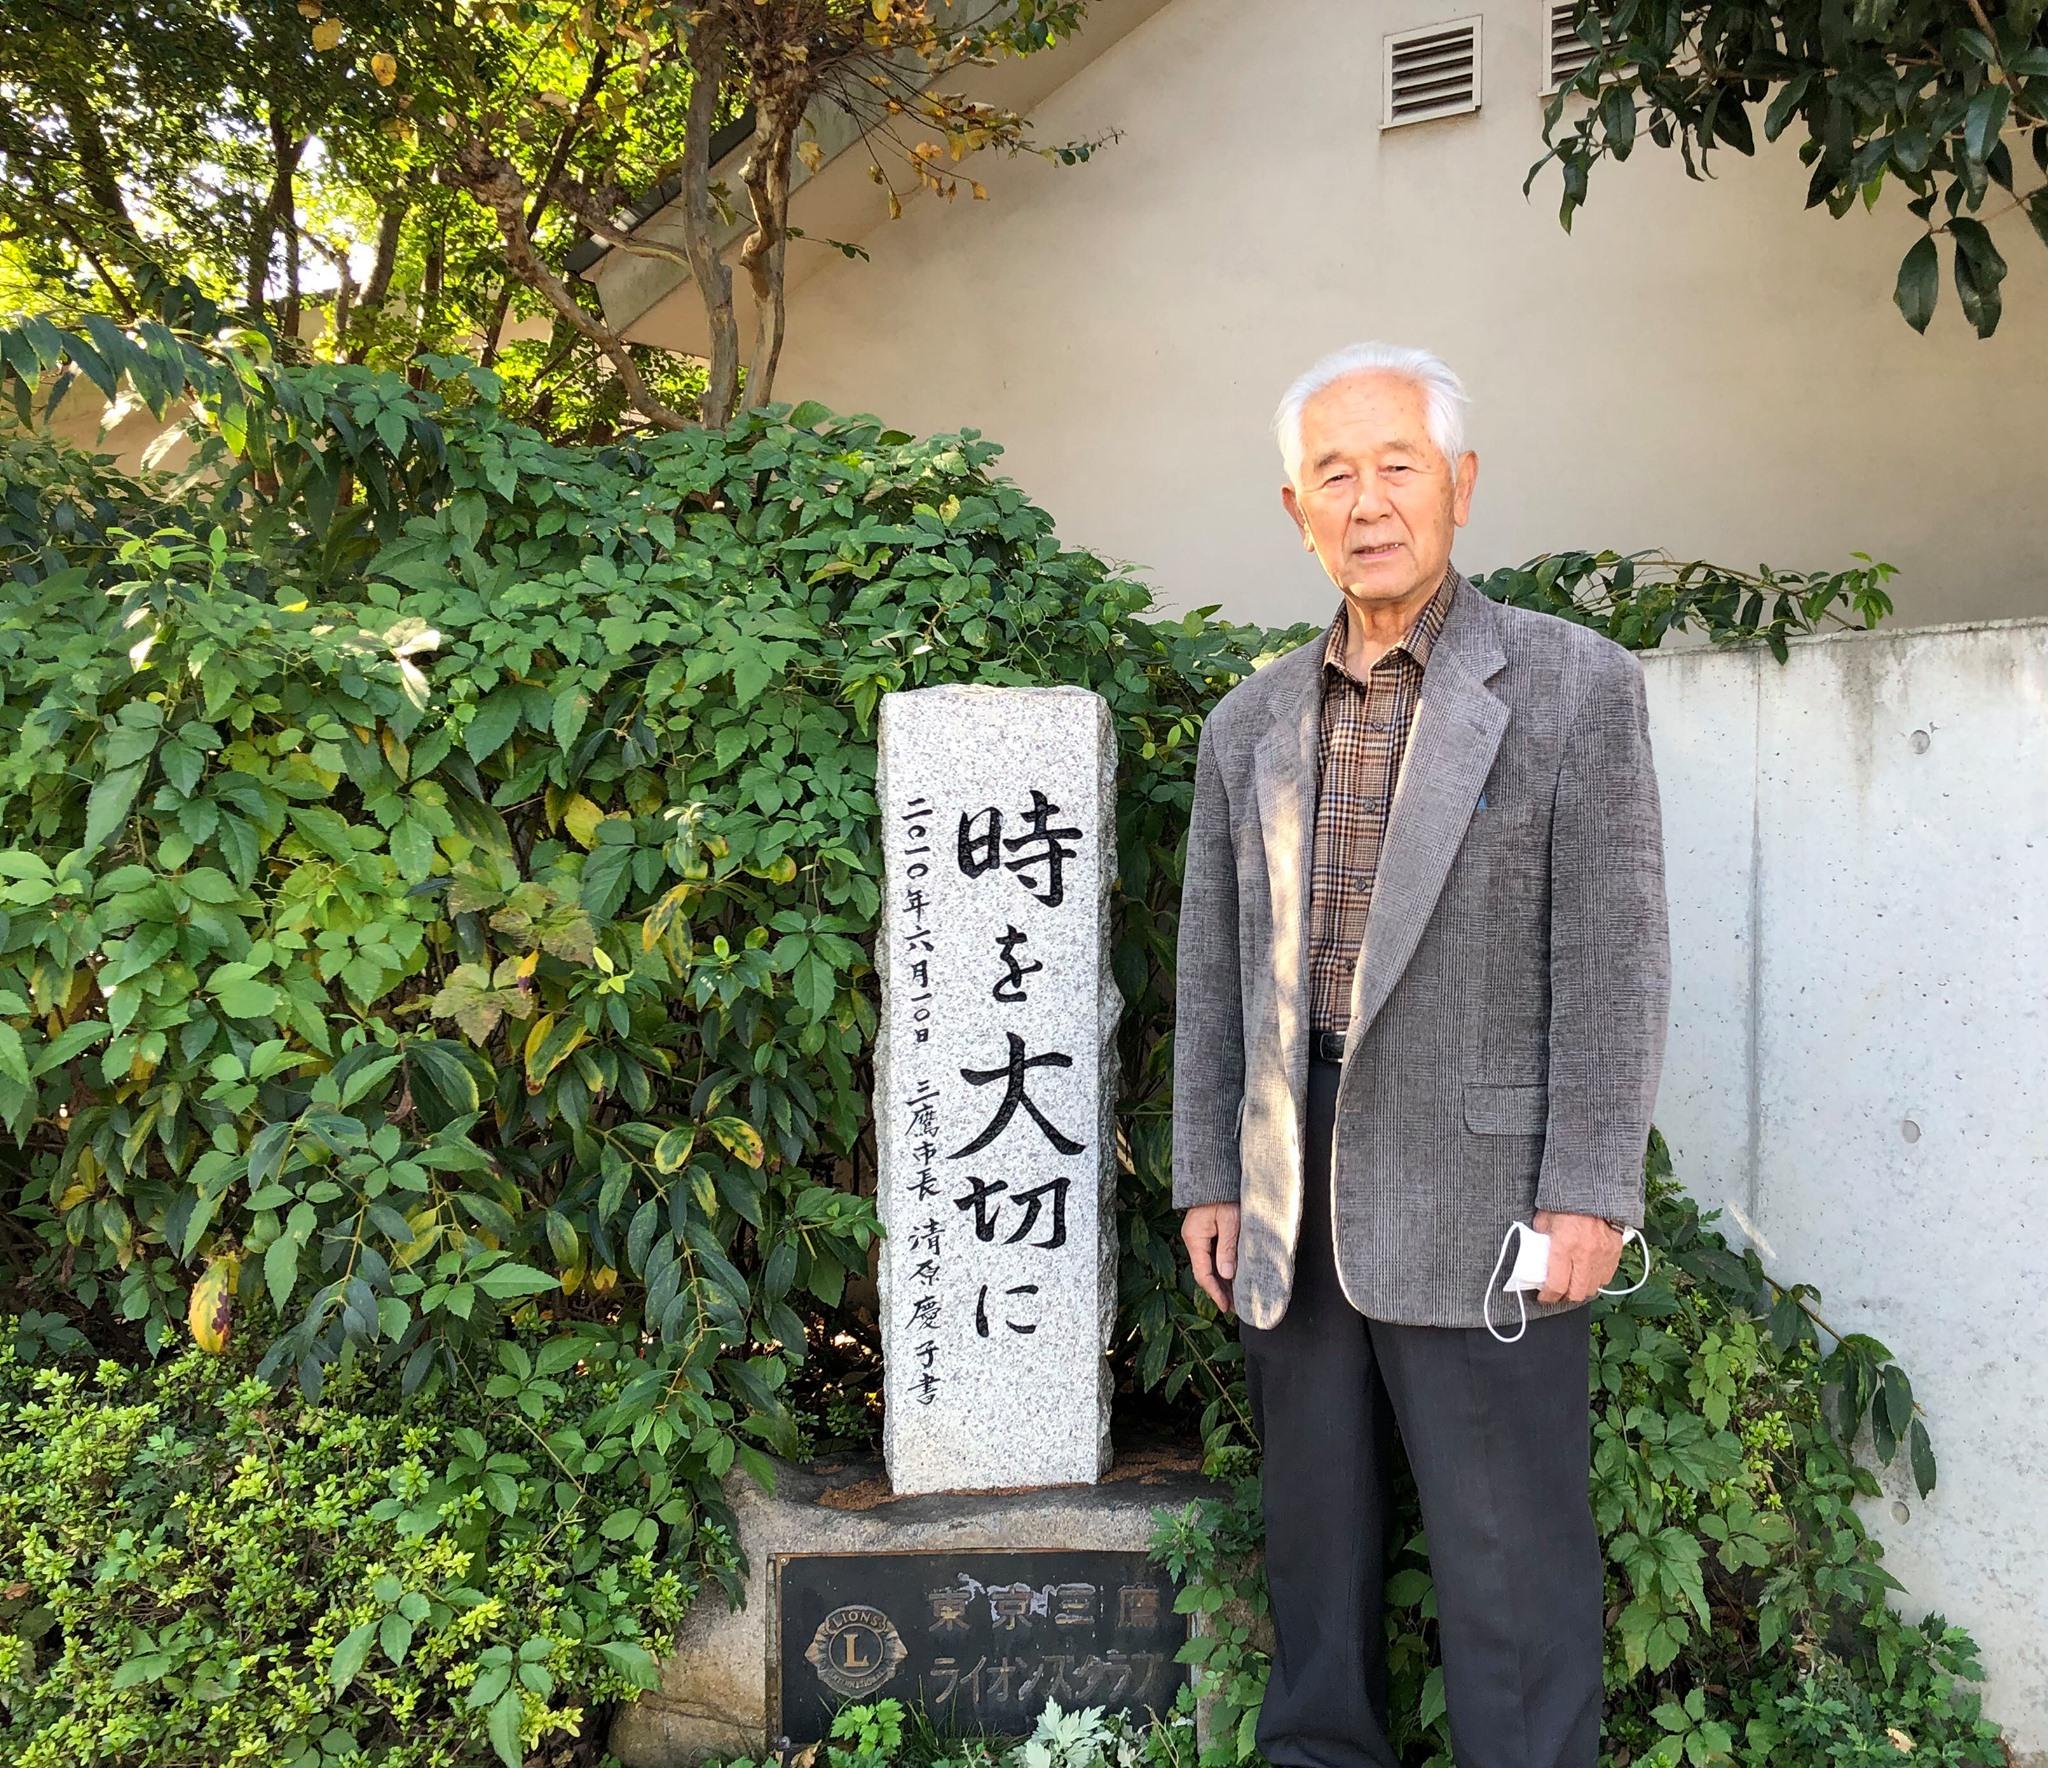 三鷹市の片隅で吉野壽夫さんと出会いました。